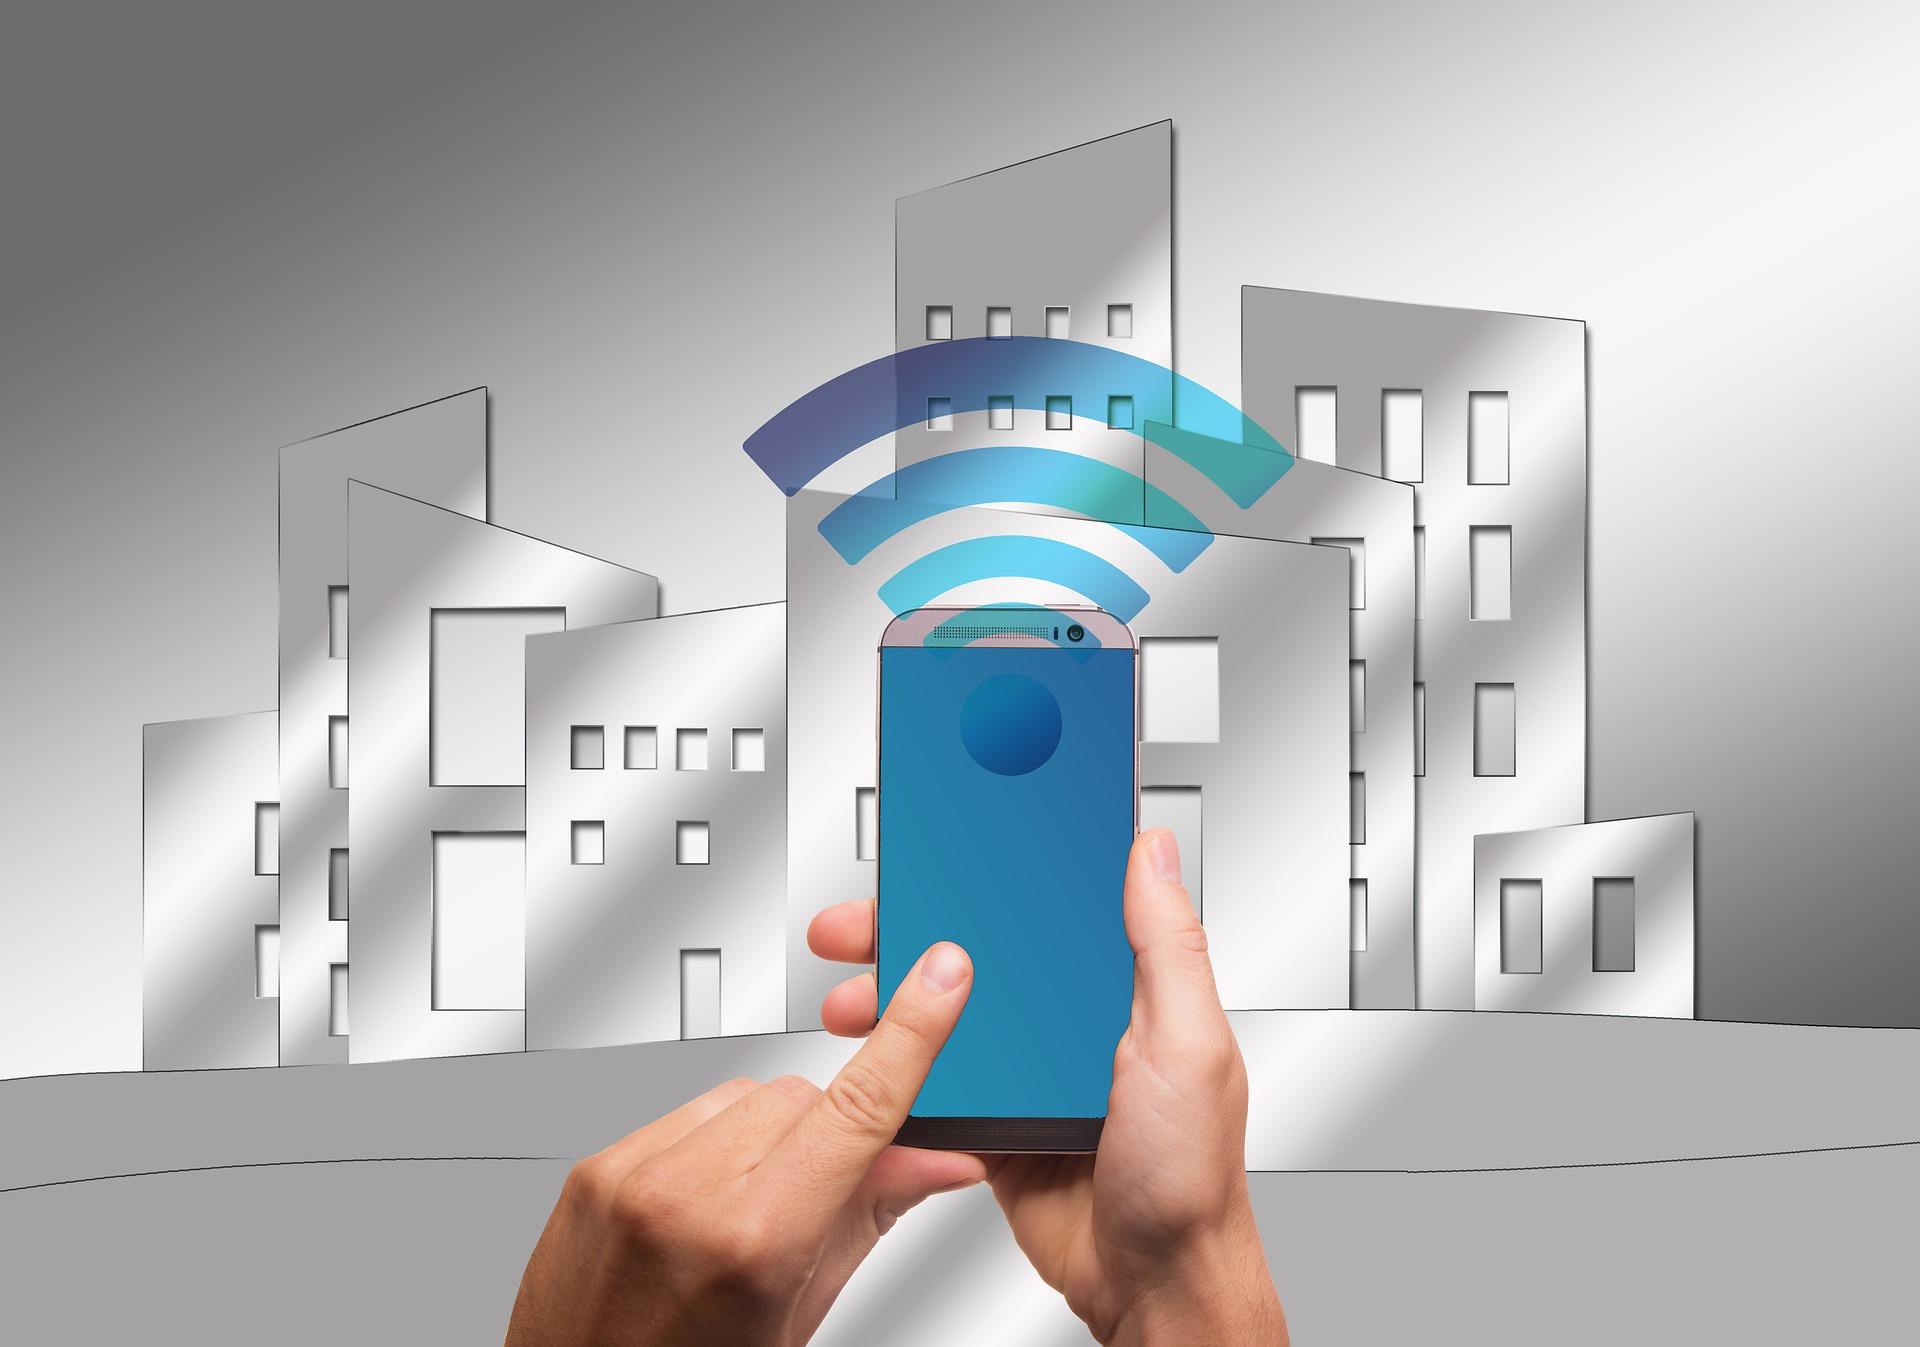 Quel est l'intérêt d'utiliser des tags NFC pour la domotique ?